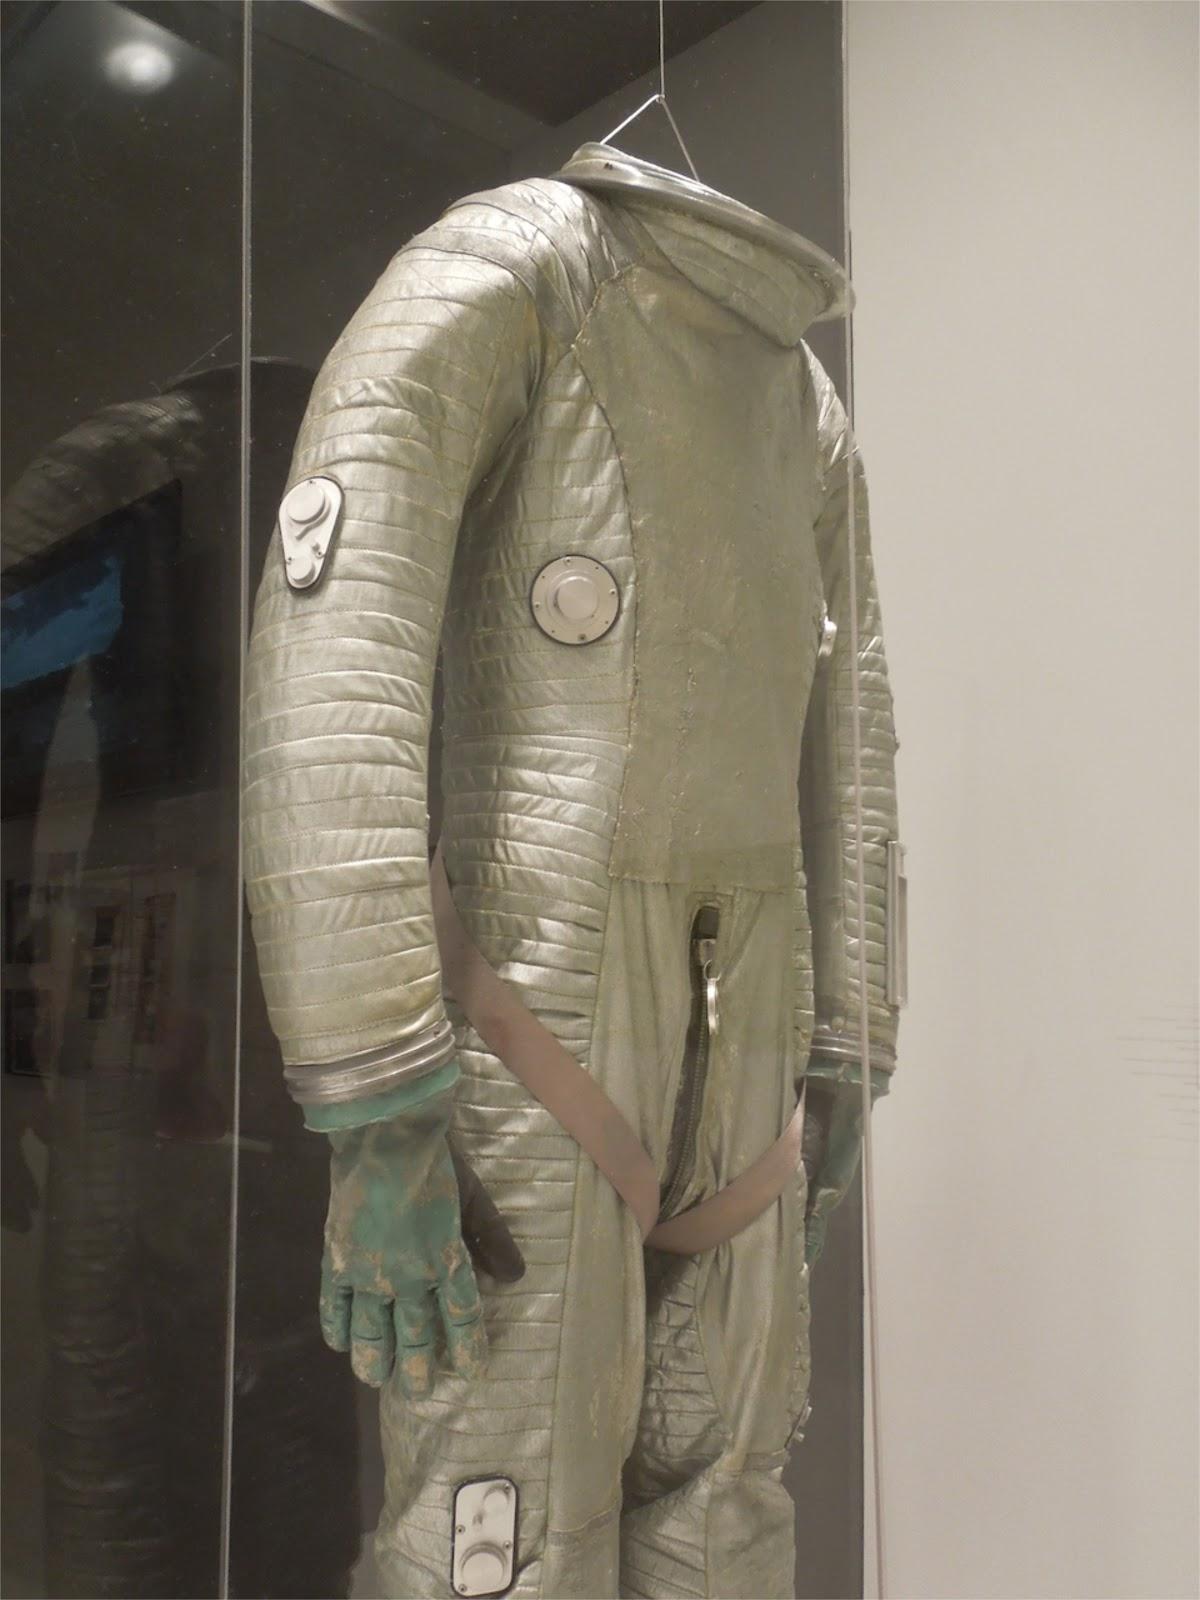 2001 space suit - photo #31